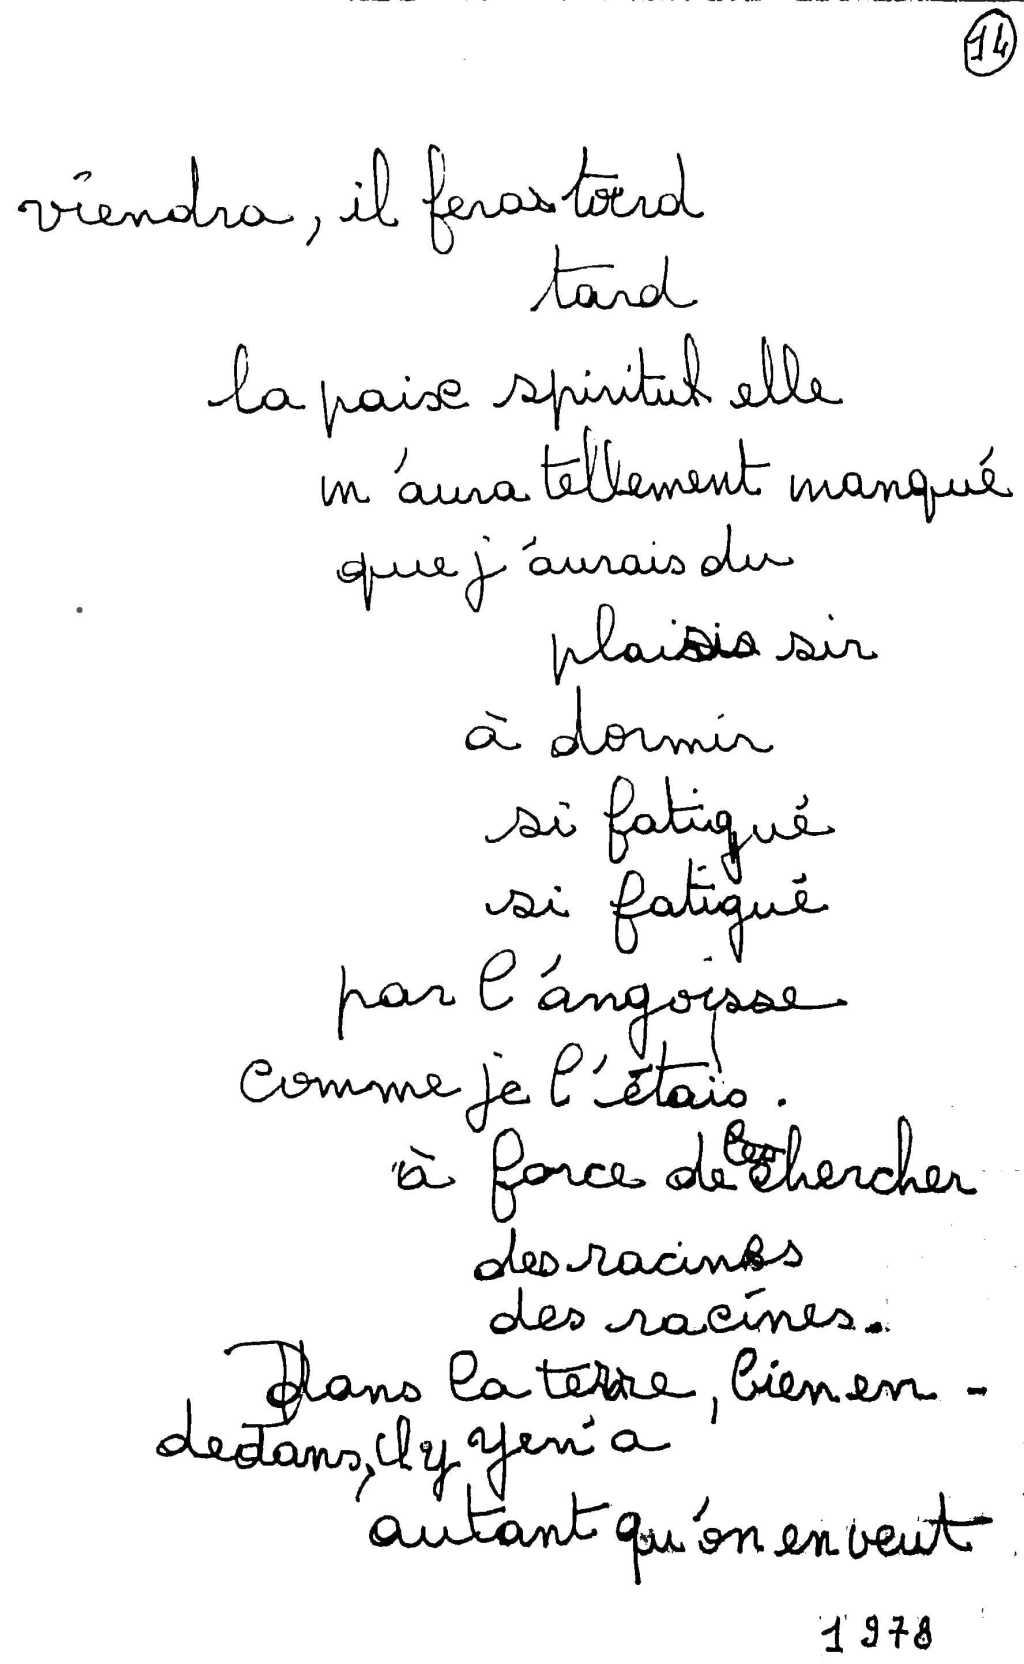 manuscrit du poème 2507